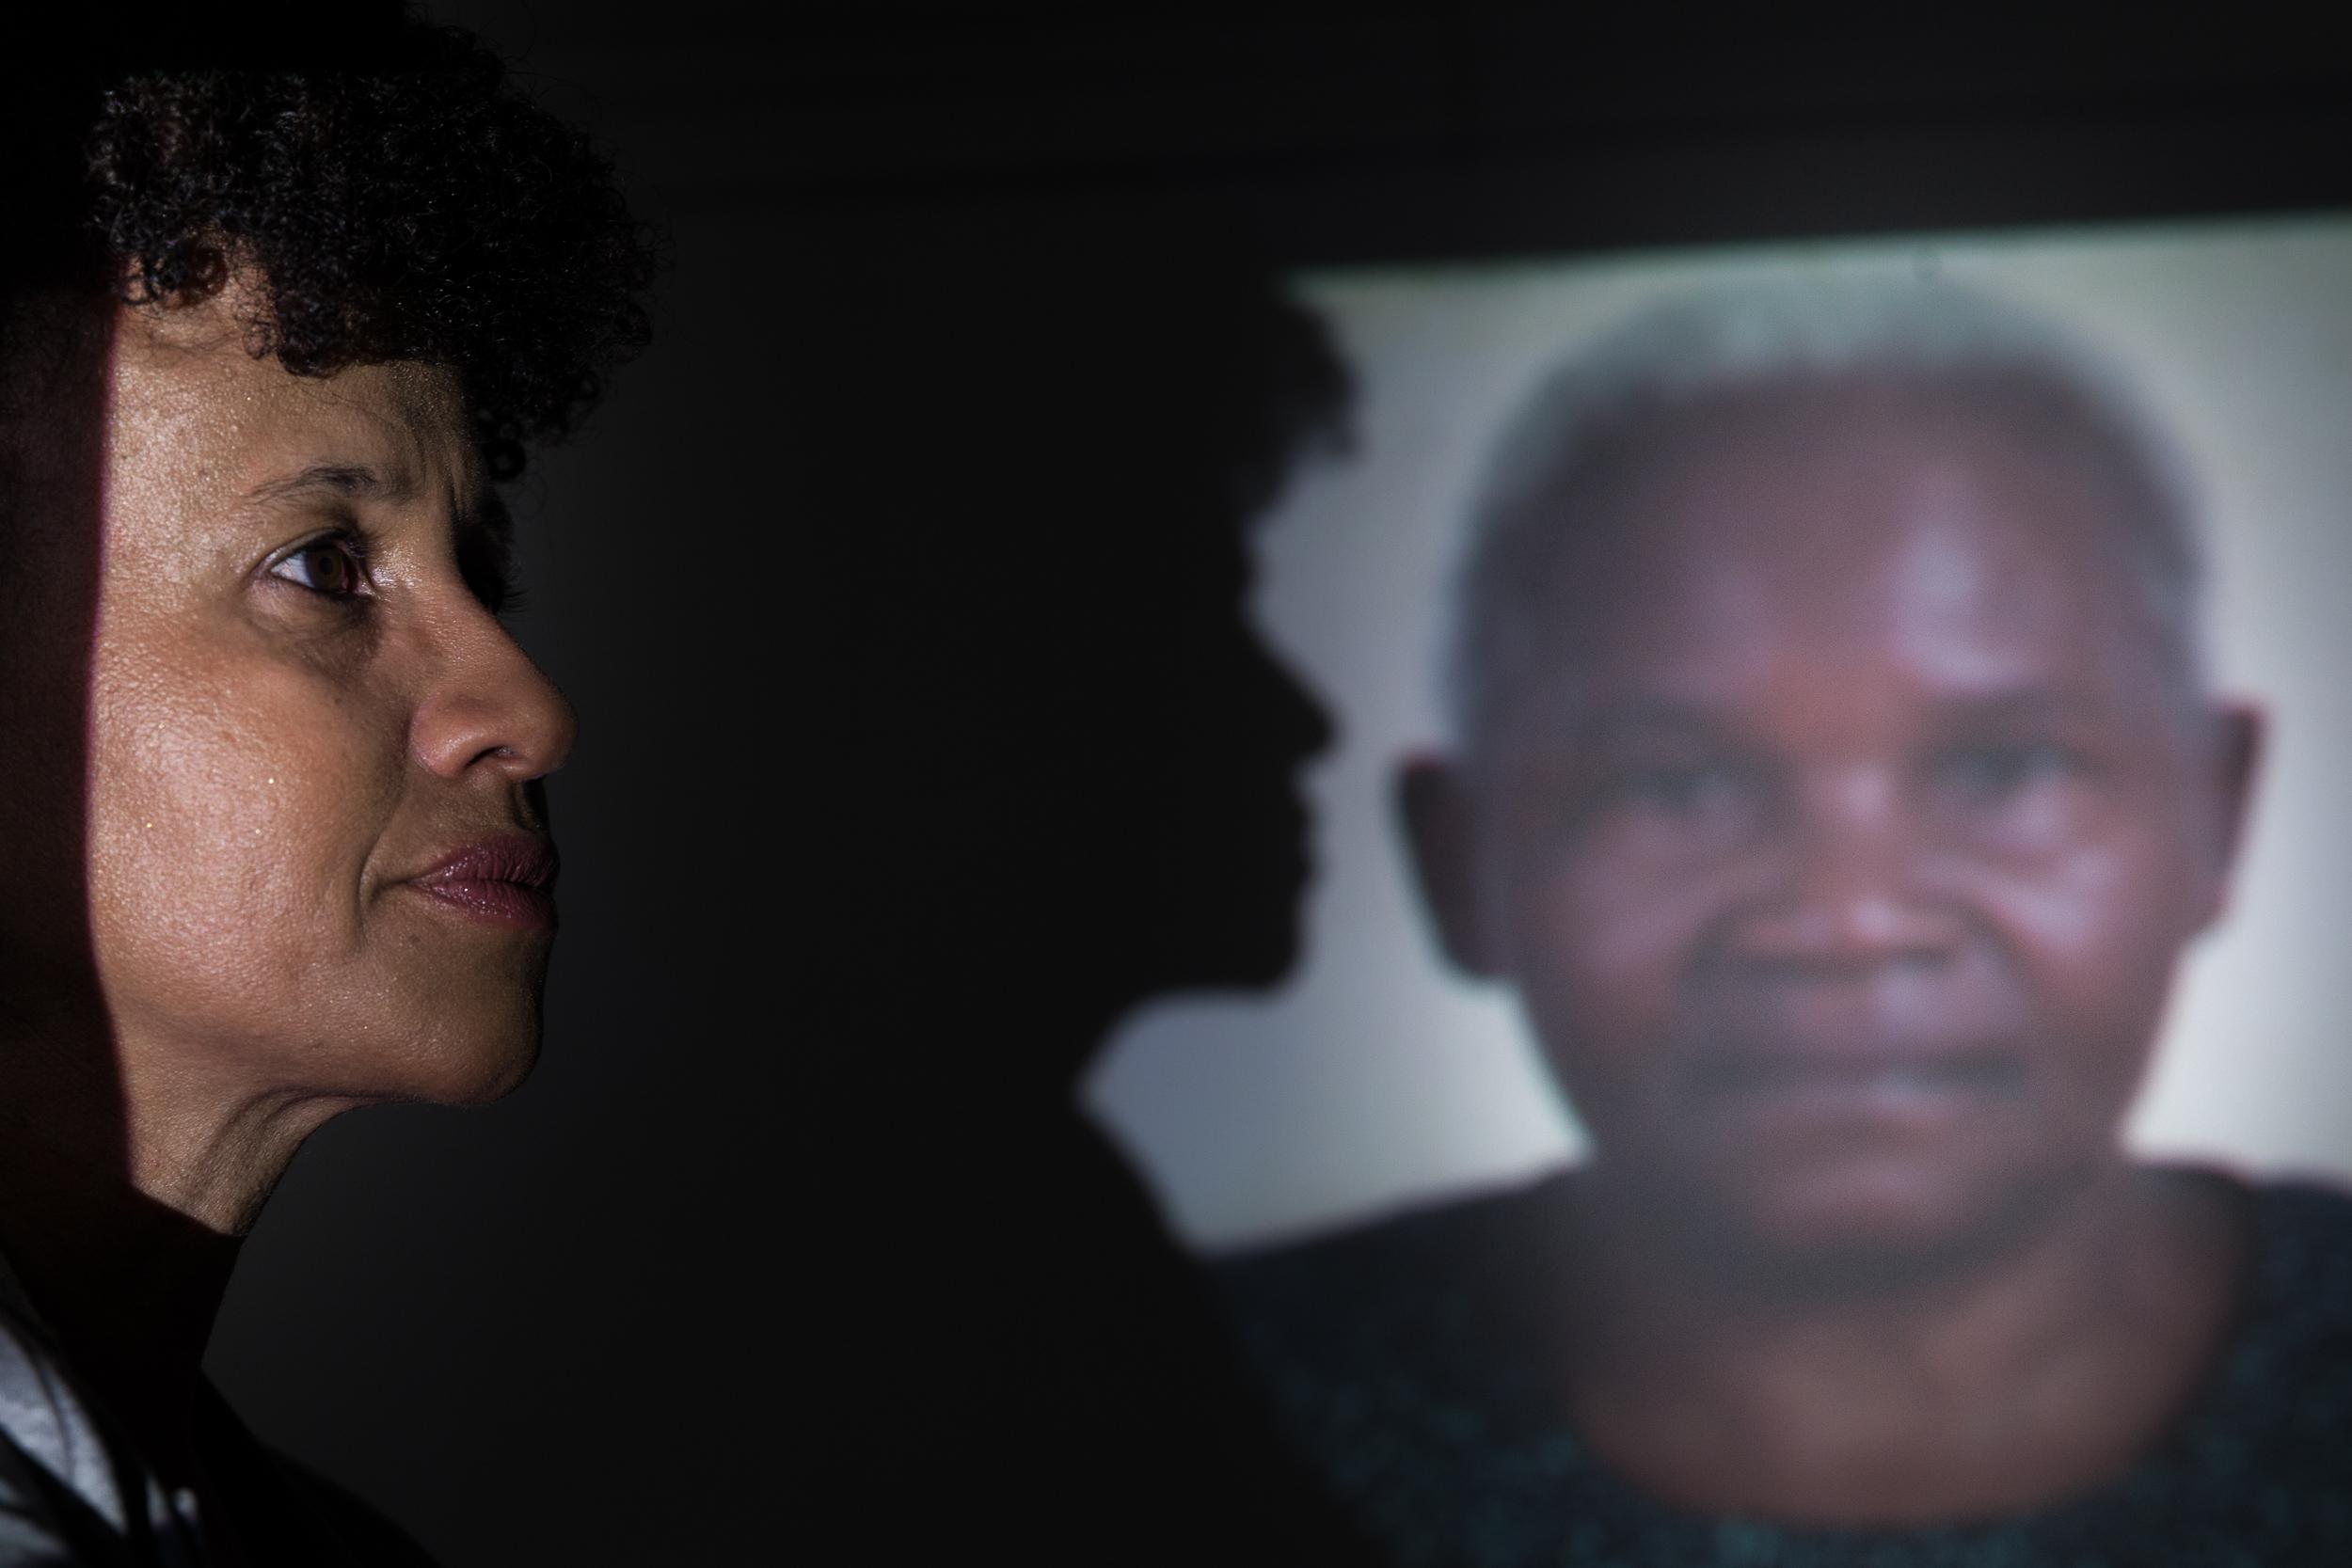 No fundo da imagem, uma projeção da foto de um pessoa negra, de meia idade, cabelos brancos - do lado esquerdo da imagem, aparece a sombra de uma mulher negra de cabelos curtos (Gina Ponte), que aparece em primeiro plano na imagem.